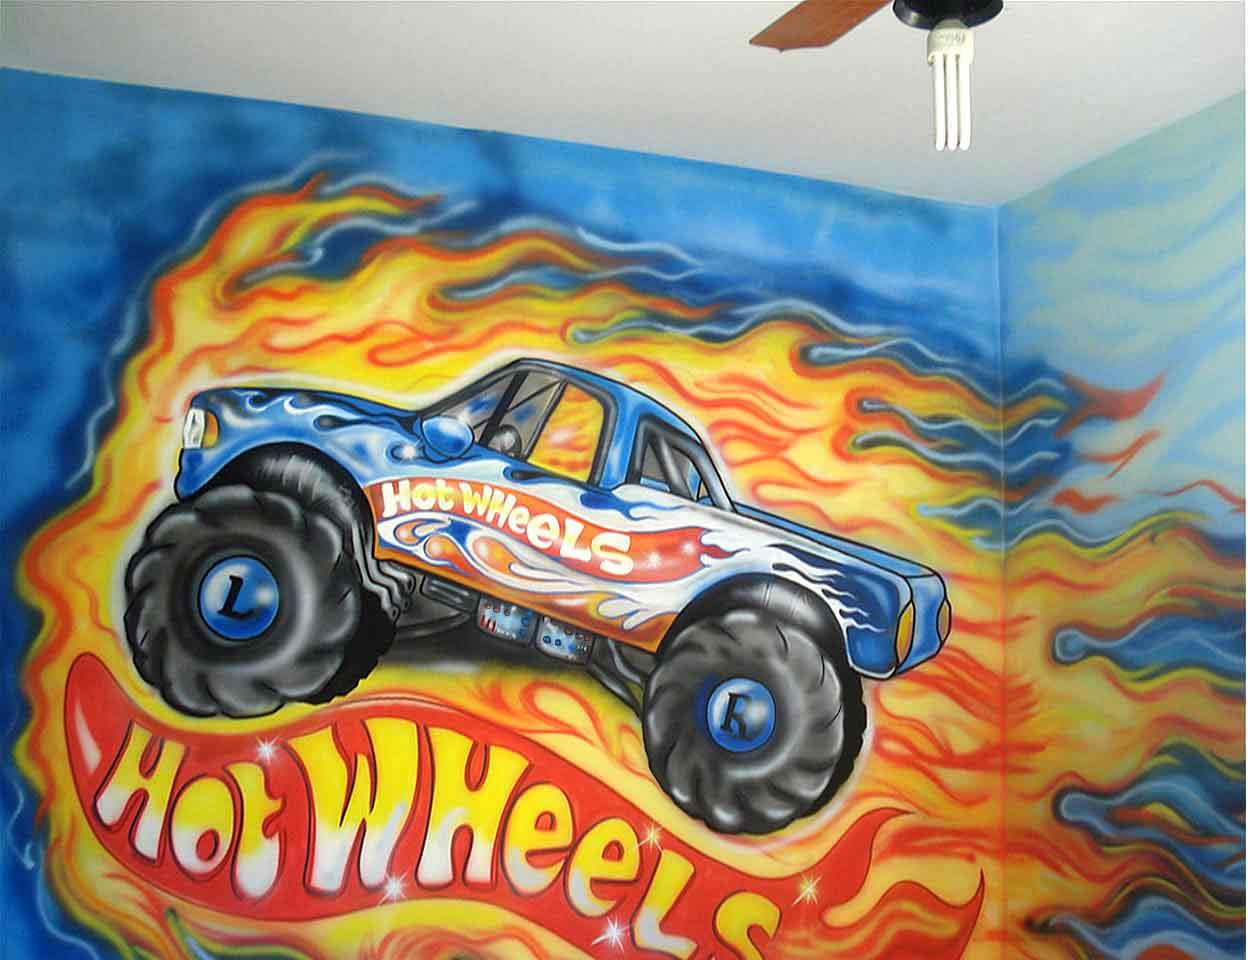 Papel De Parede Para Quarto Infantil Hot Wheels Redival Com ~ Papel De Parede Grafite Para Quarto